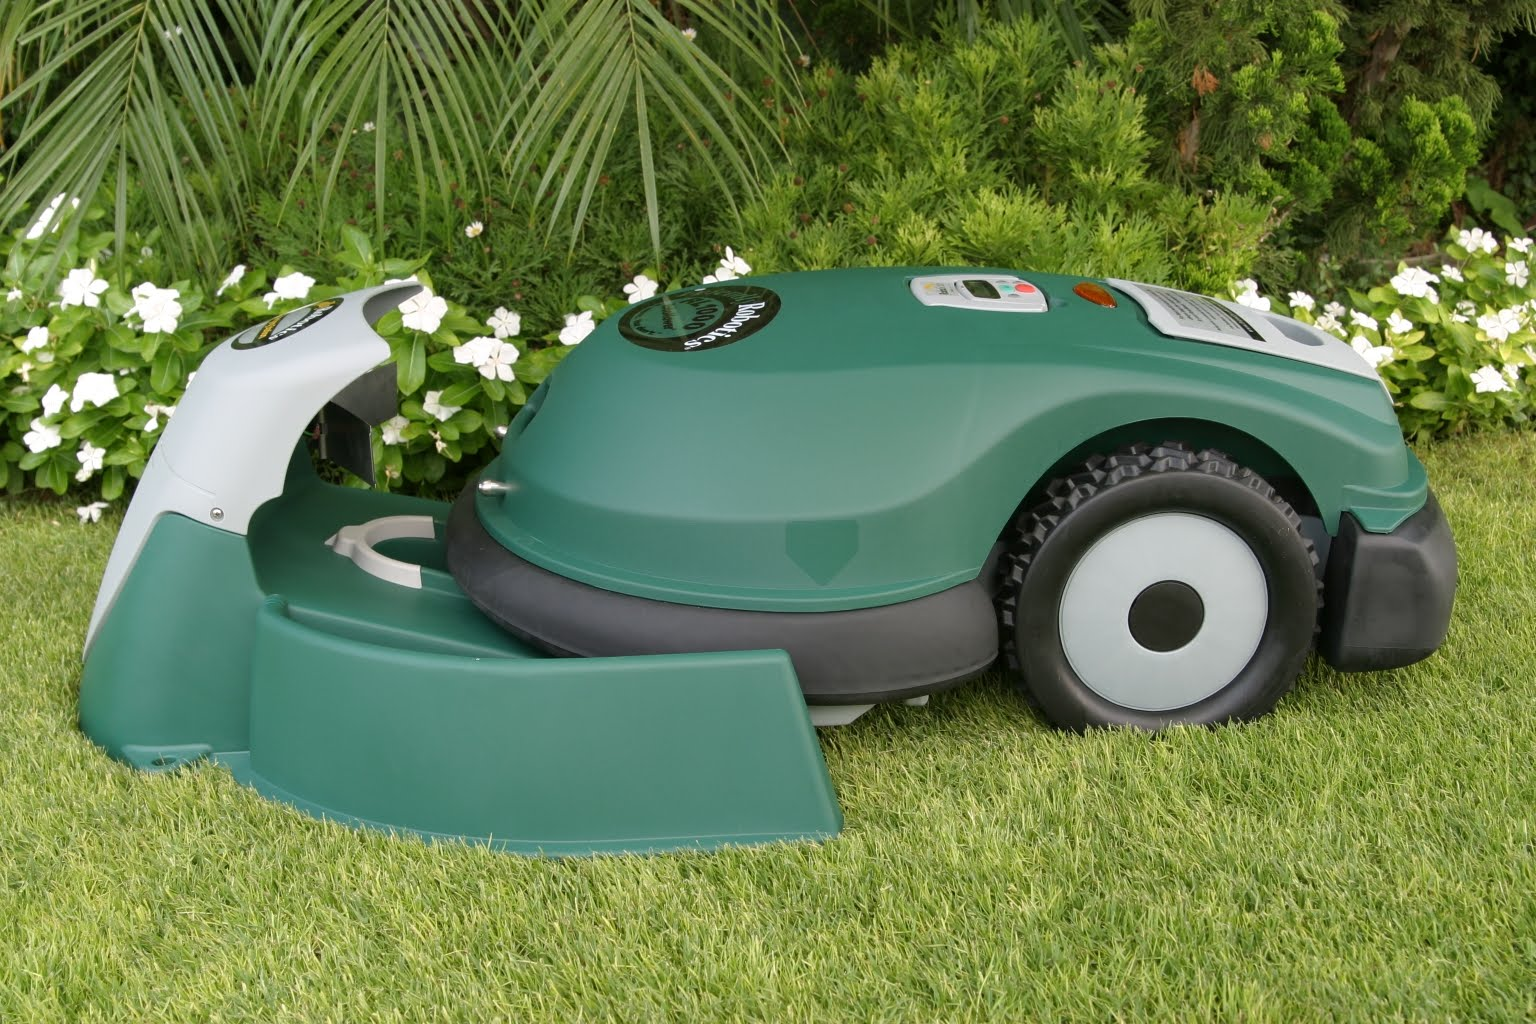 honda 6.5 hp lawn mower engine manual